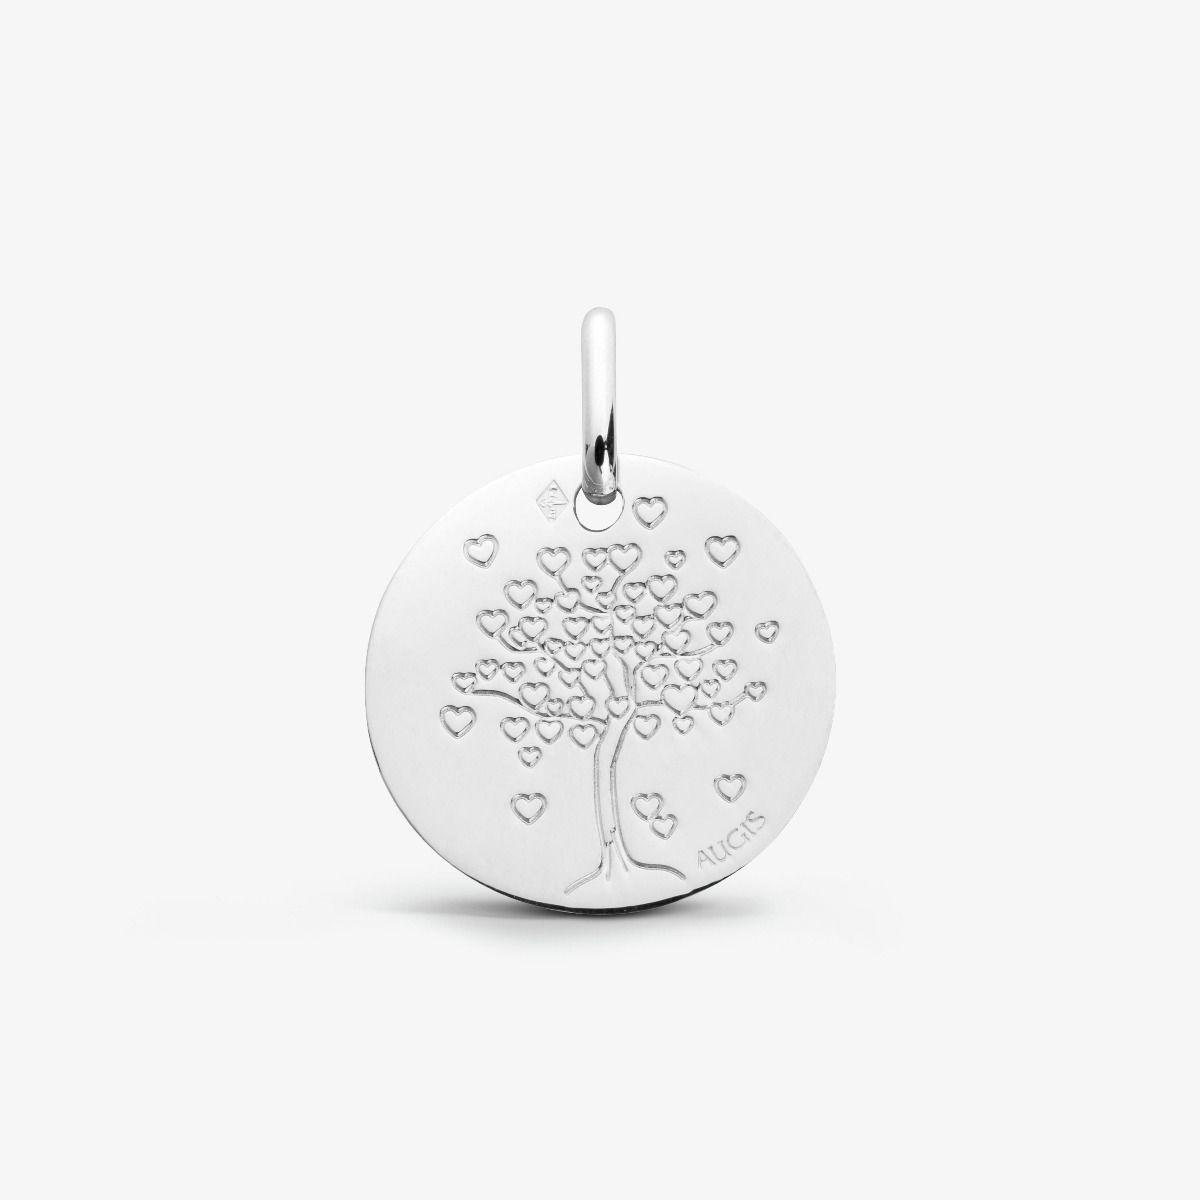 Médaille Arbre aux cœurs Or Blanc 18 carats - 16 mm